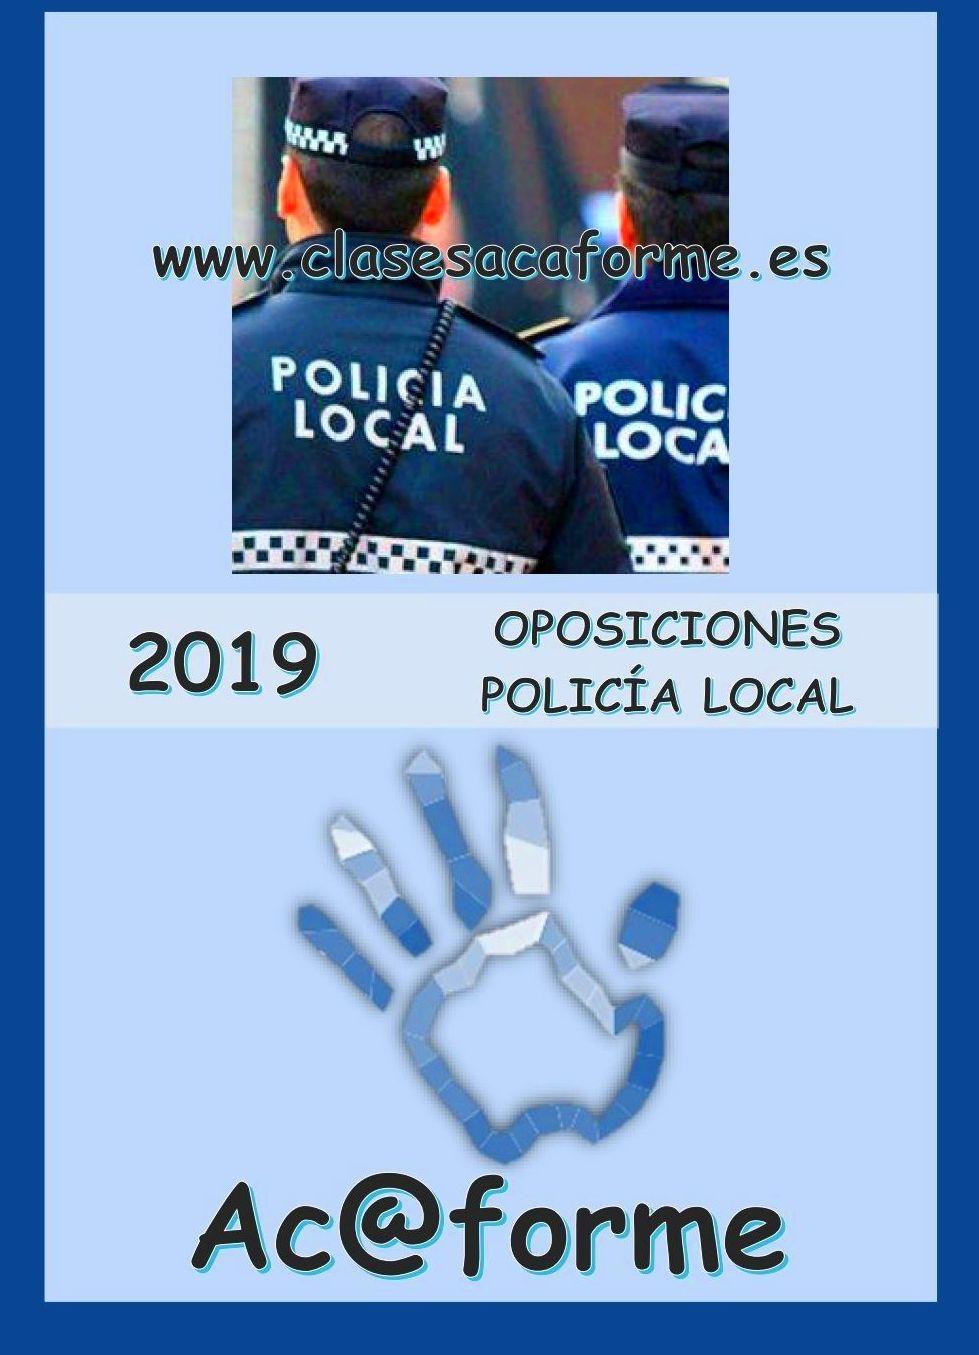 PREPARACIÓN POLICÍA LOCAL - Ac@forme